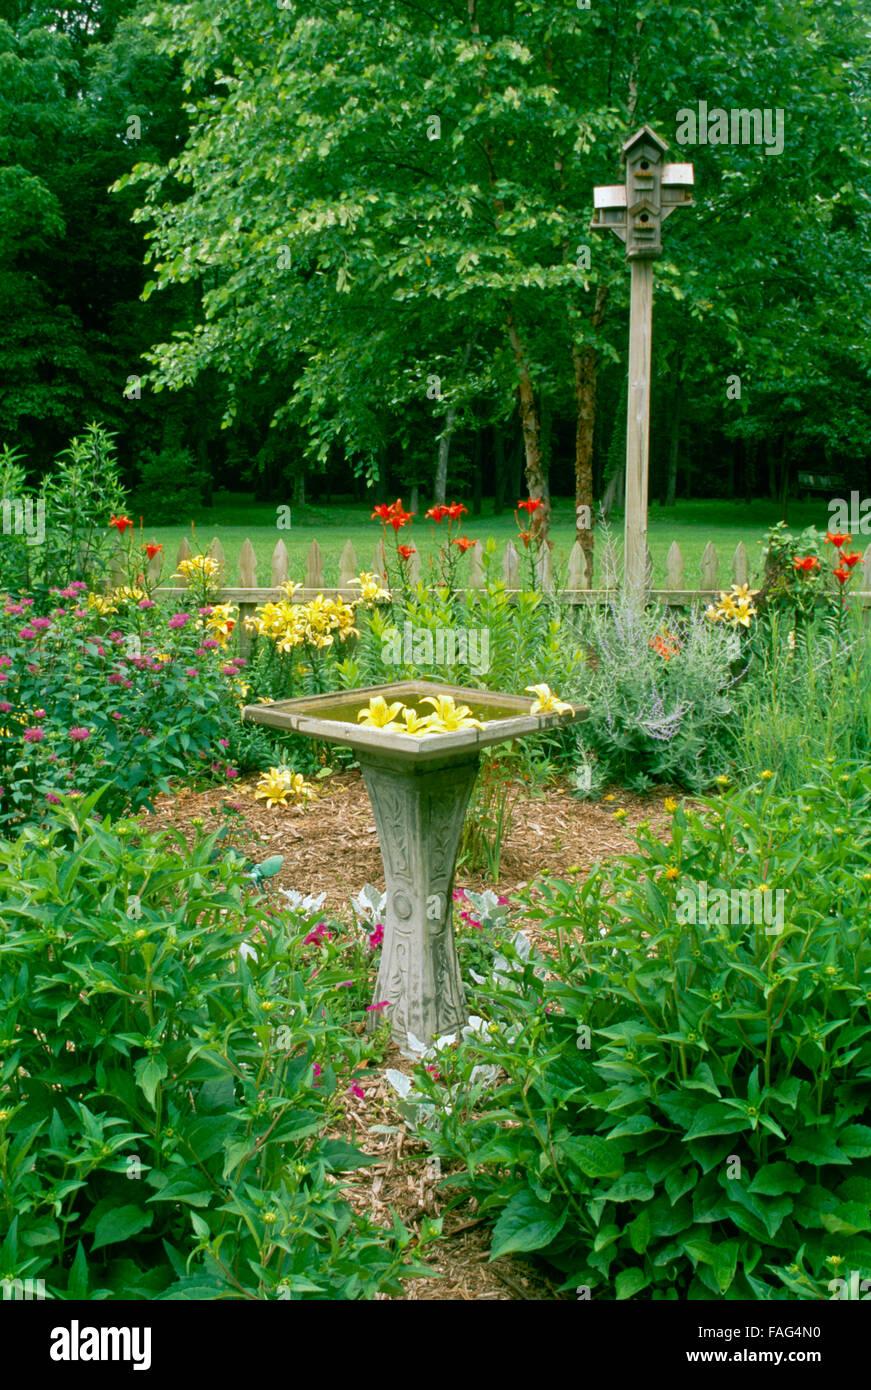 Fantasiosa bird garden con bagno di uccelli e gigli galleggianti in acqua. Costruiti a mano case di uccelli surrouneded Immagini Stock